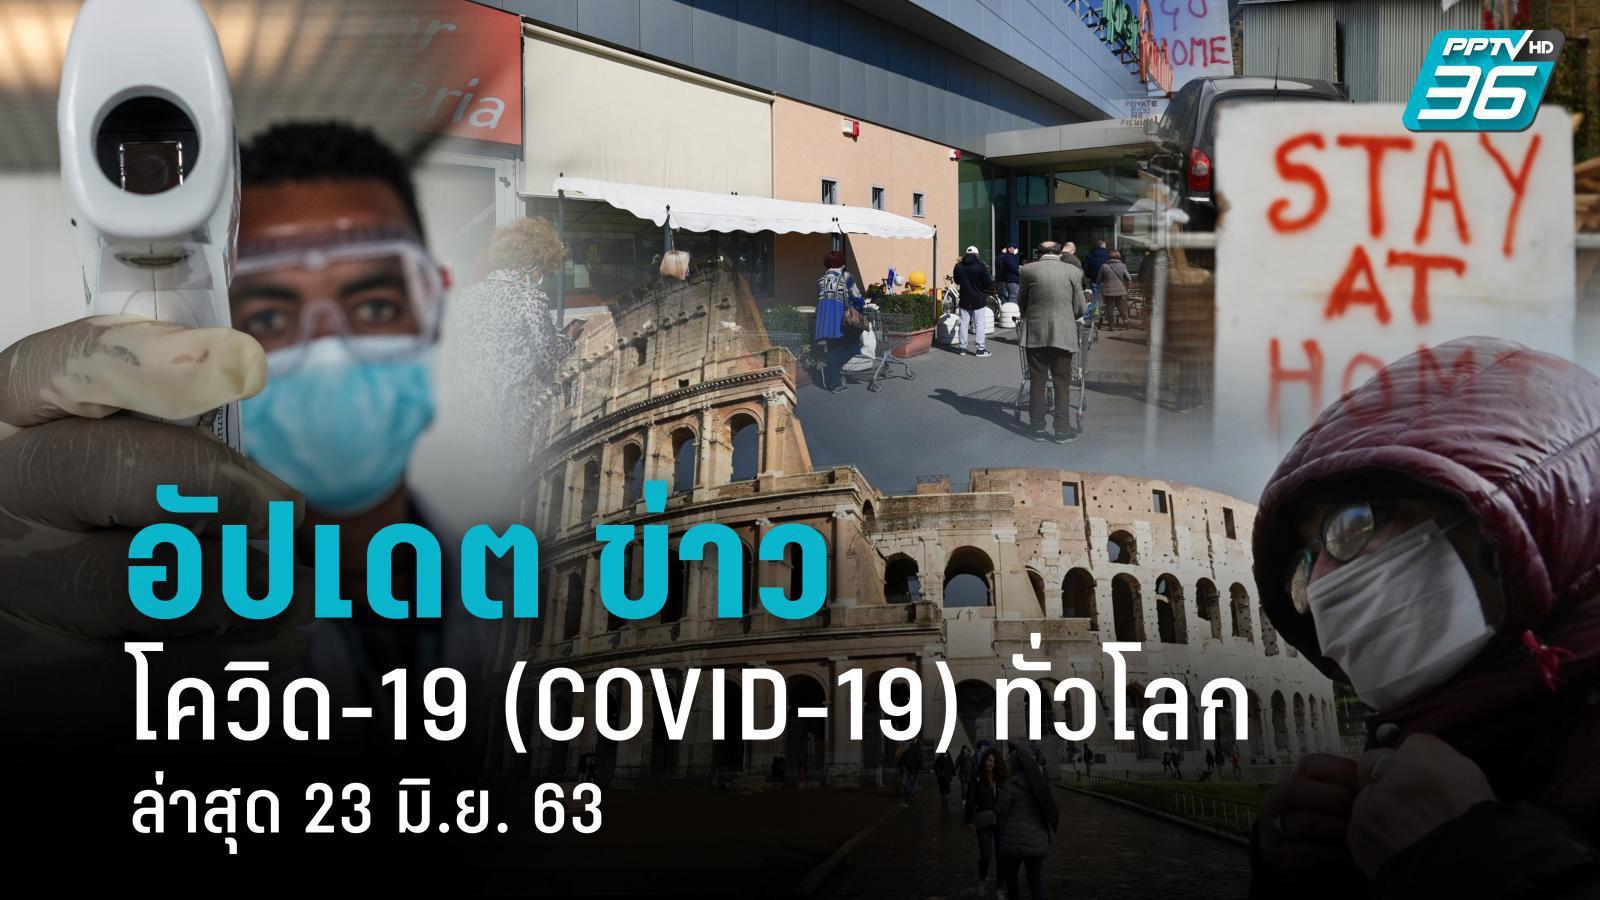 อัปเดตข่าว สถานการณ์ โควิด-19 ทั่วโลก ล่าสุด 23 มิ.ย. 63